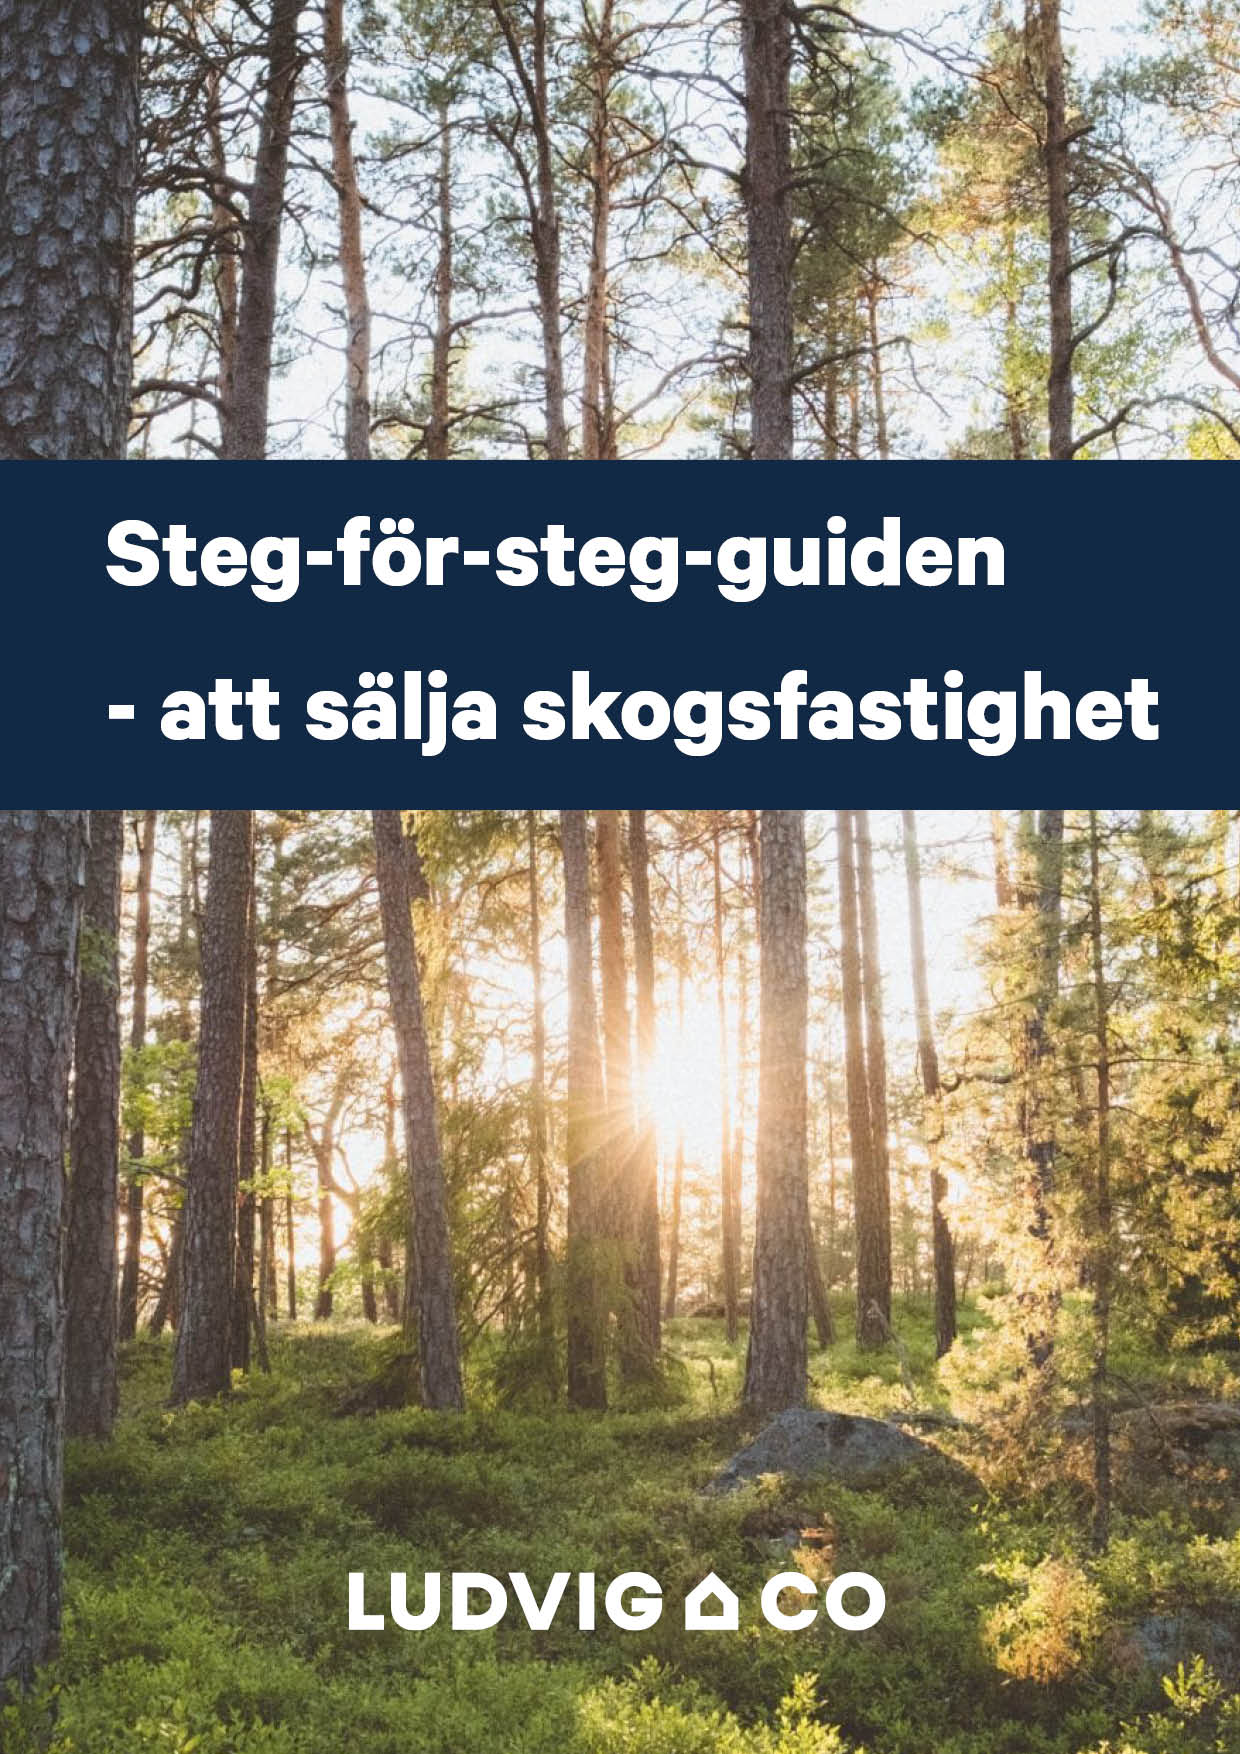 Guide _ Salja skog